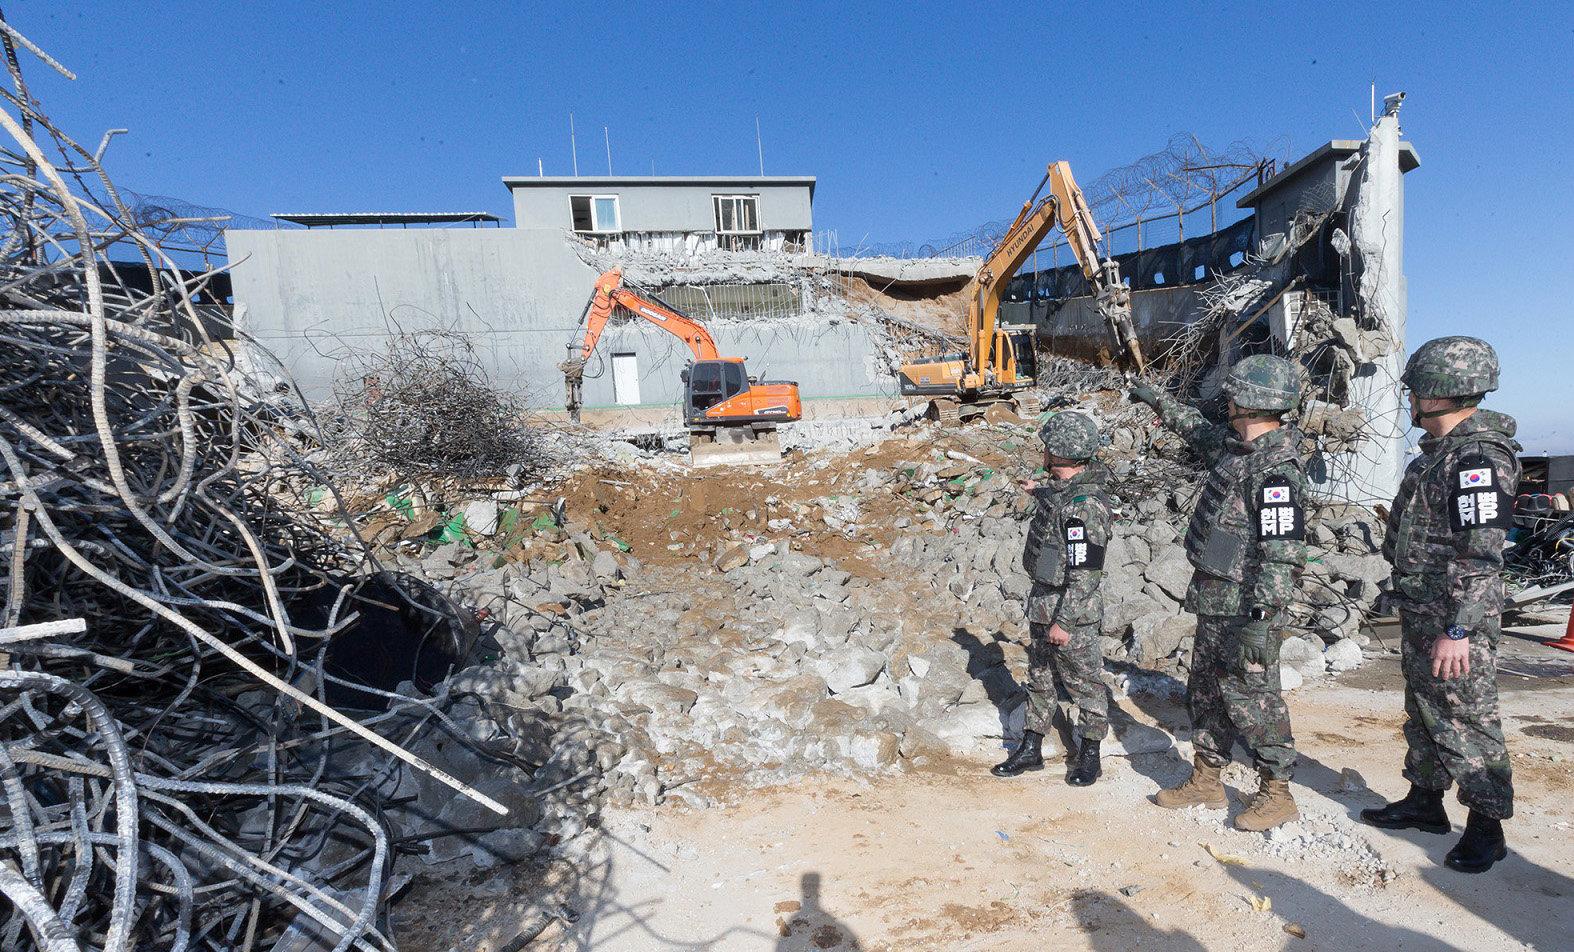 군 장병들이 지난 10일 비무장지대 내 감시초소 철수 작업을 진행하고